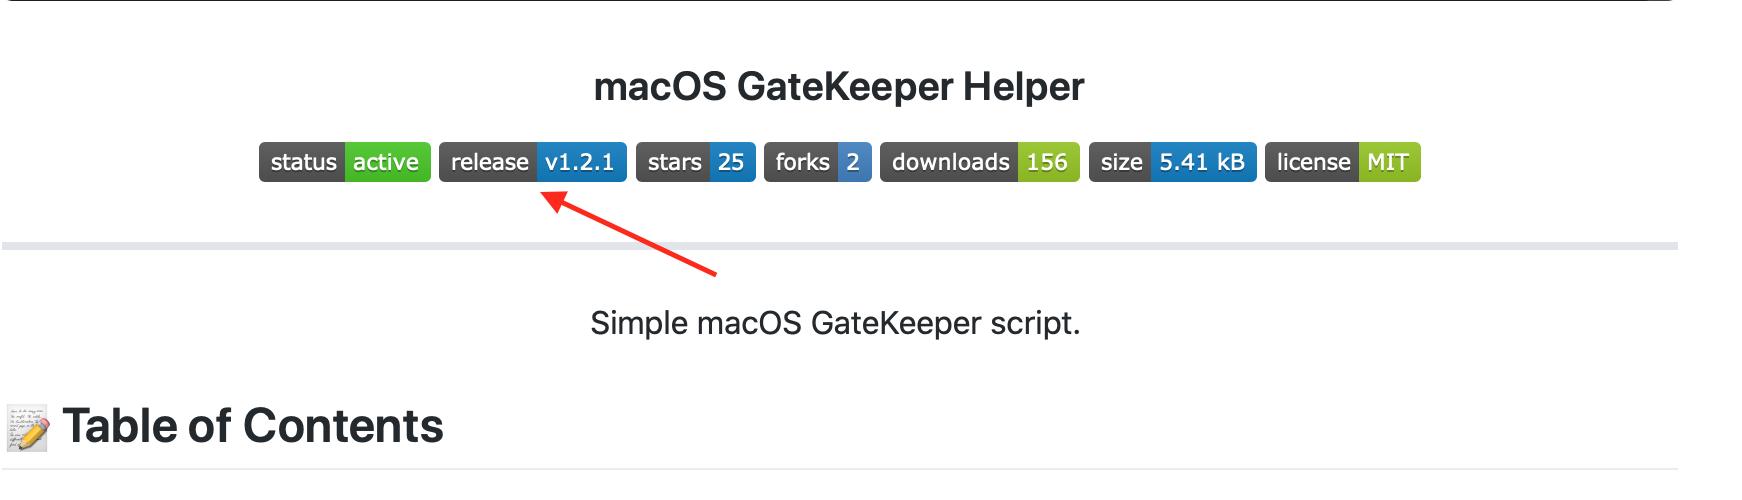 macOS GateKeeper Helper